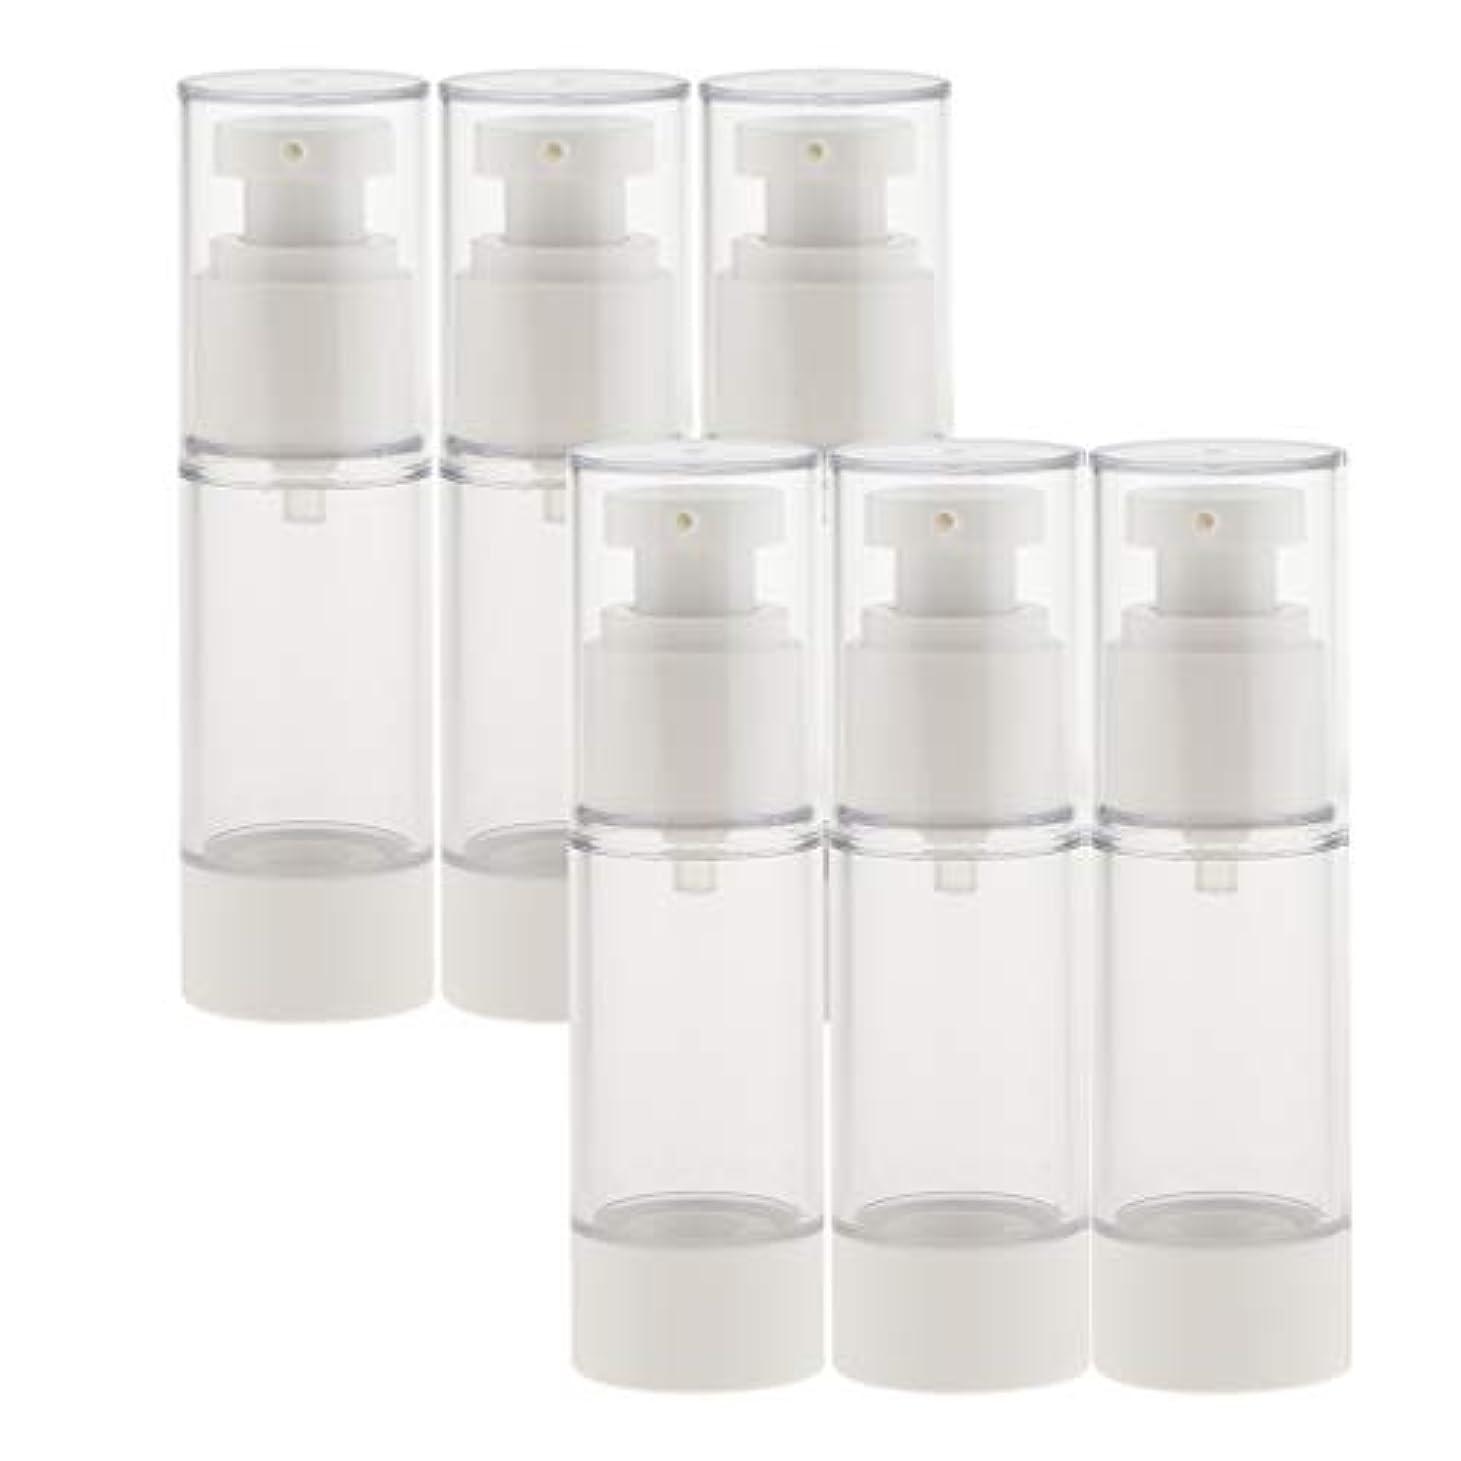 丁寧トレイ唯物論dailymall スプレーボトル 6本セット 香水ボトル 真空ボトル ポンプボトル アトマイザー 全2サイズ選べ - 30ミリリットル